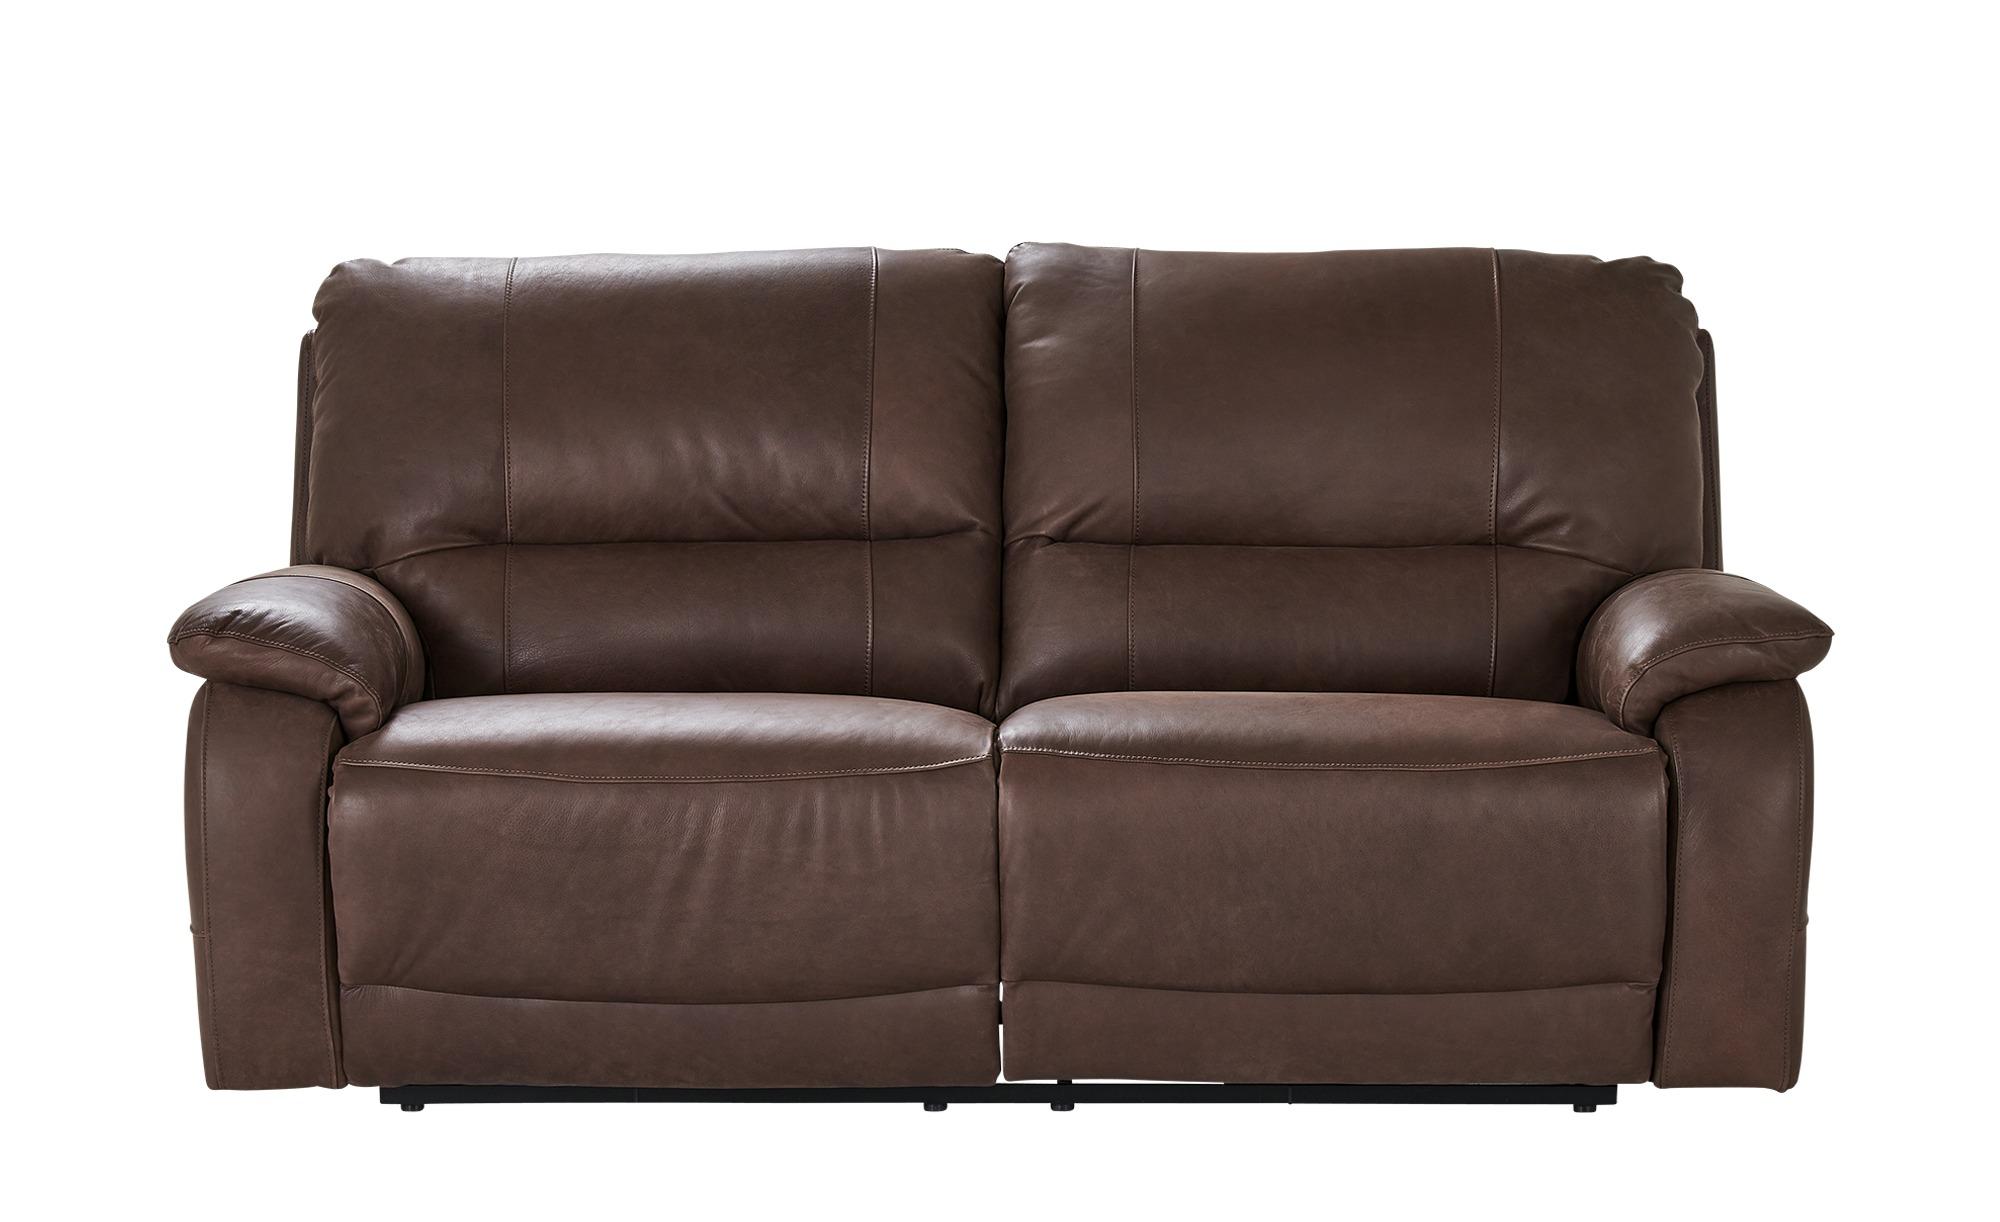 Full Size of 3 Sitzer Sofa Mit Relaxfunktion Wohnwert Adelma Manueller Leder Braun Recamiere überzug Mitarbeitergespräche Führen Weiches De Sede Bett Rückenlehne Bezug Sofa 3 Sitzer Sofa Mit Relaxfunktion